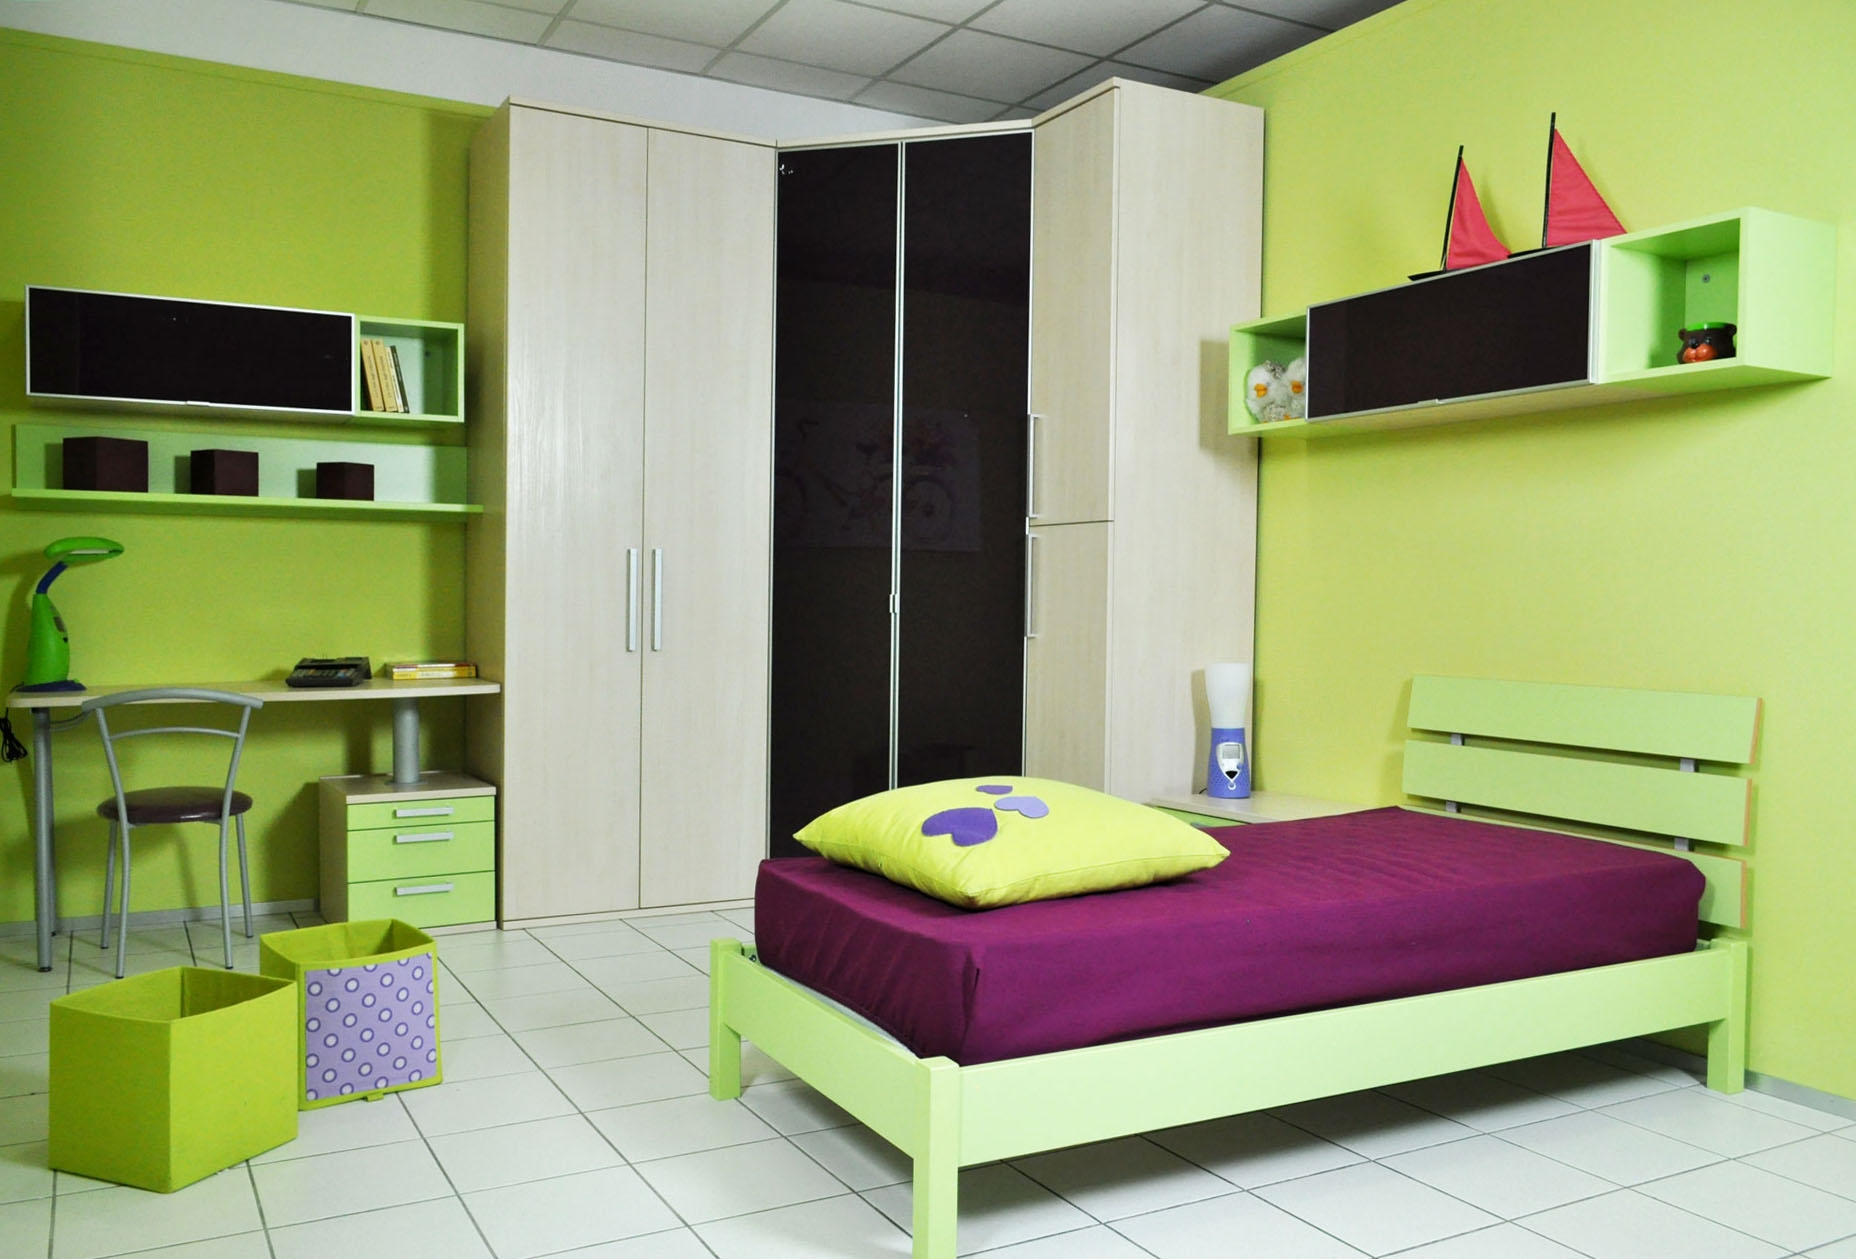 Cameretta colombini golf con cabina e scrivania letto a terra camerette a prezzi scontati - Camerette per ragazzi colombini prezzi ...